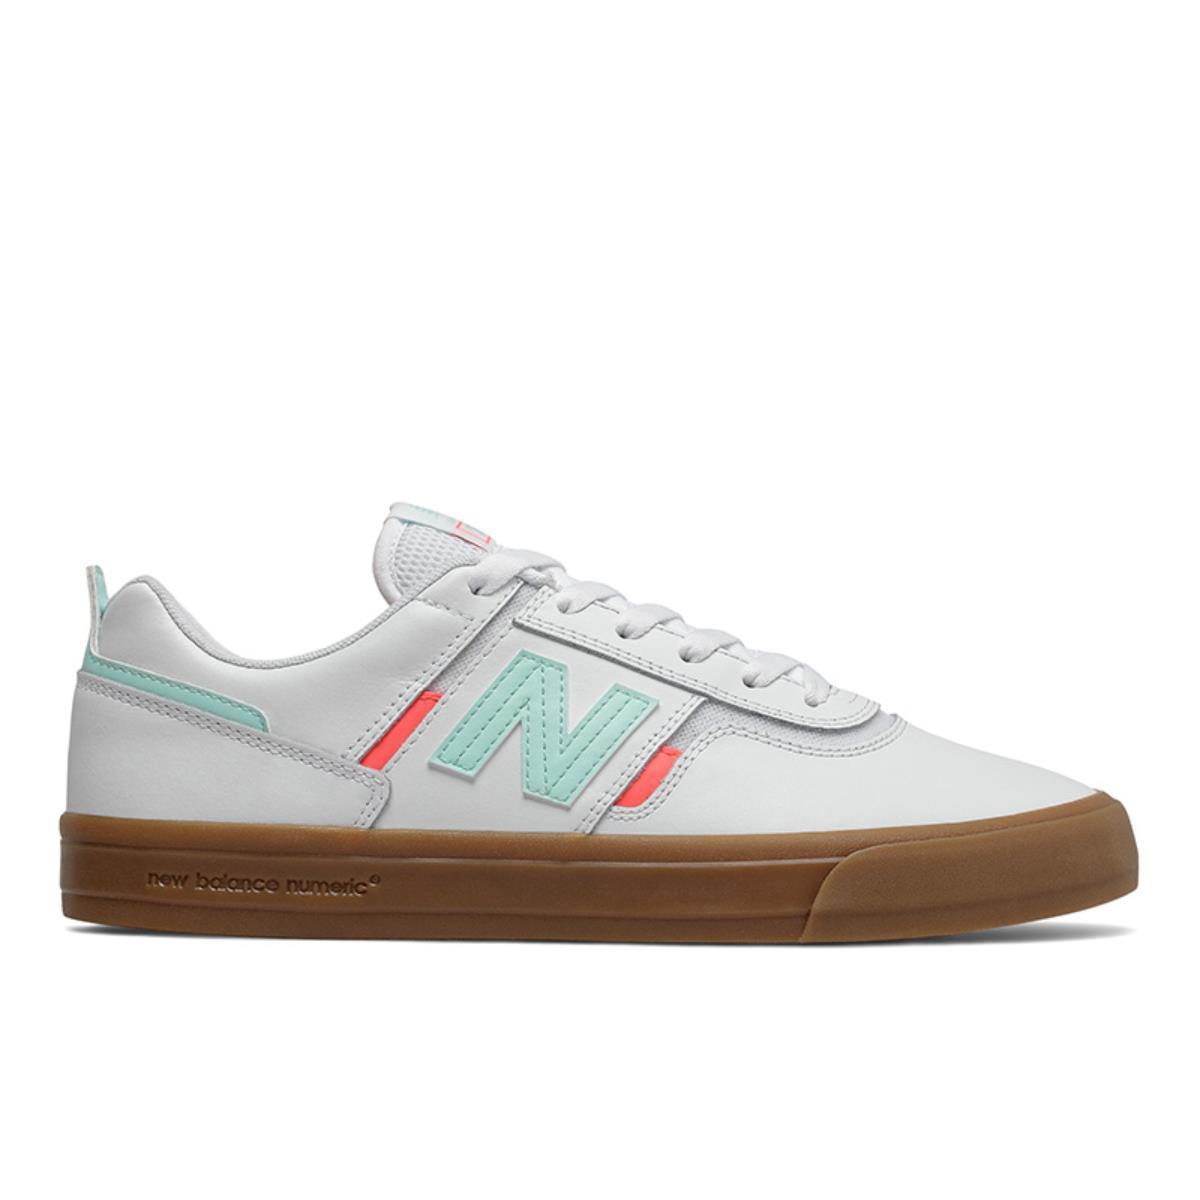 AJF,new balance skate,nalan.com.sg